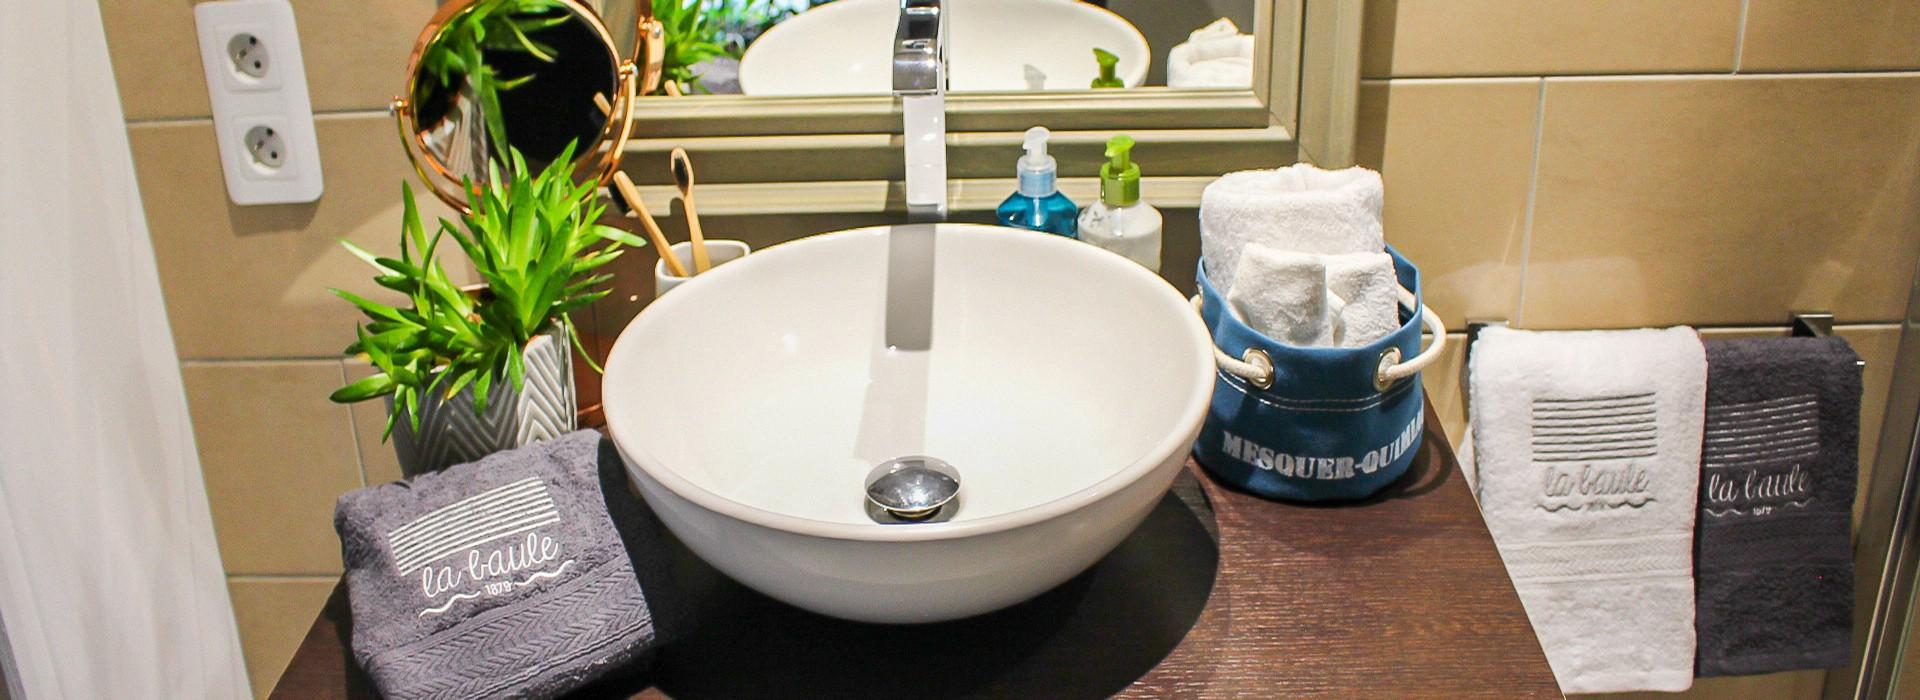 Boutique en ligne - dans salle-de-bain - Office de tourisme la baule presqu'ile de guerande